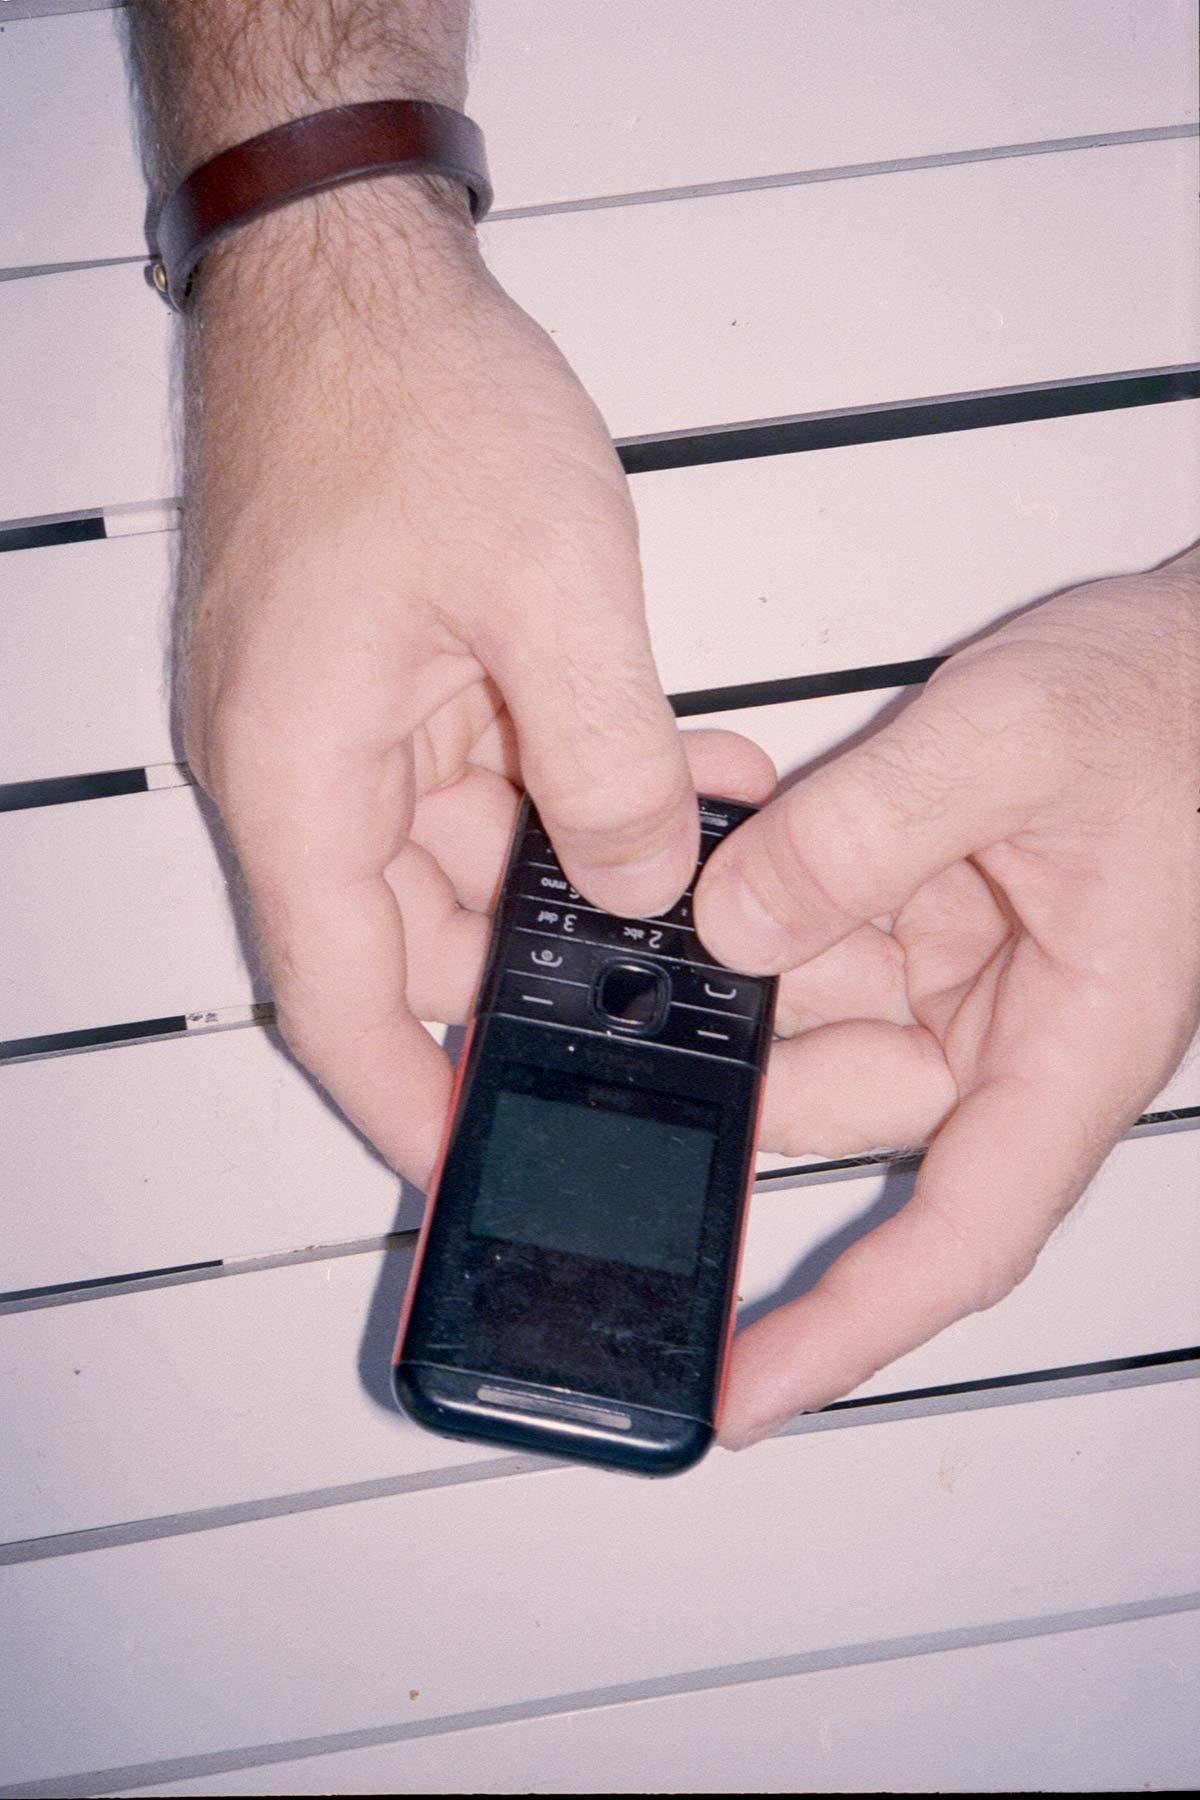 Farvel til iPhone og hej til Nokia: Mette og Morten lever bedre uden 2